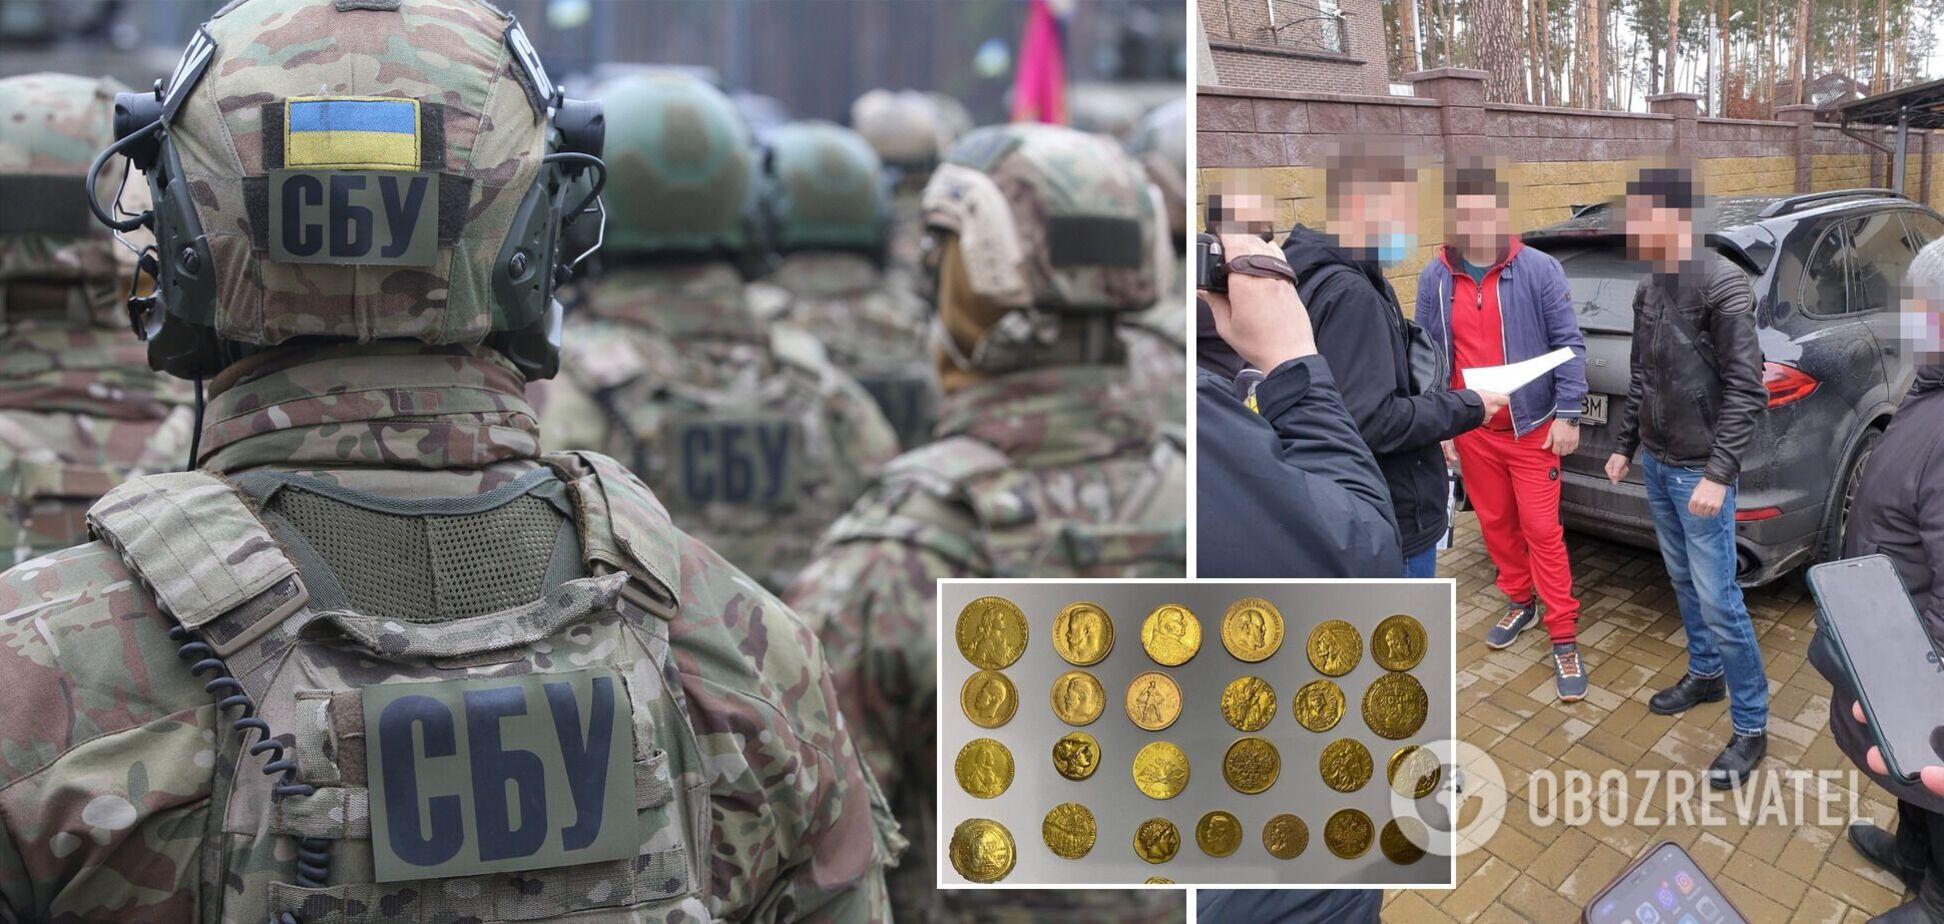 СБУ викрила контрабанду антикваріату до ЄС майже на $1 мільйон. Фото